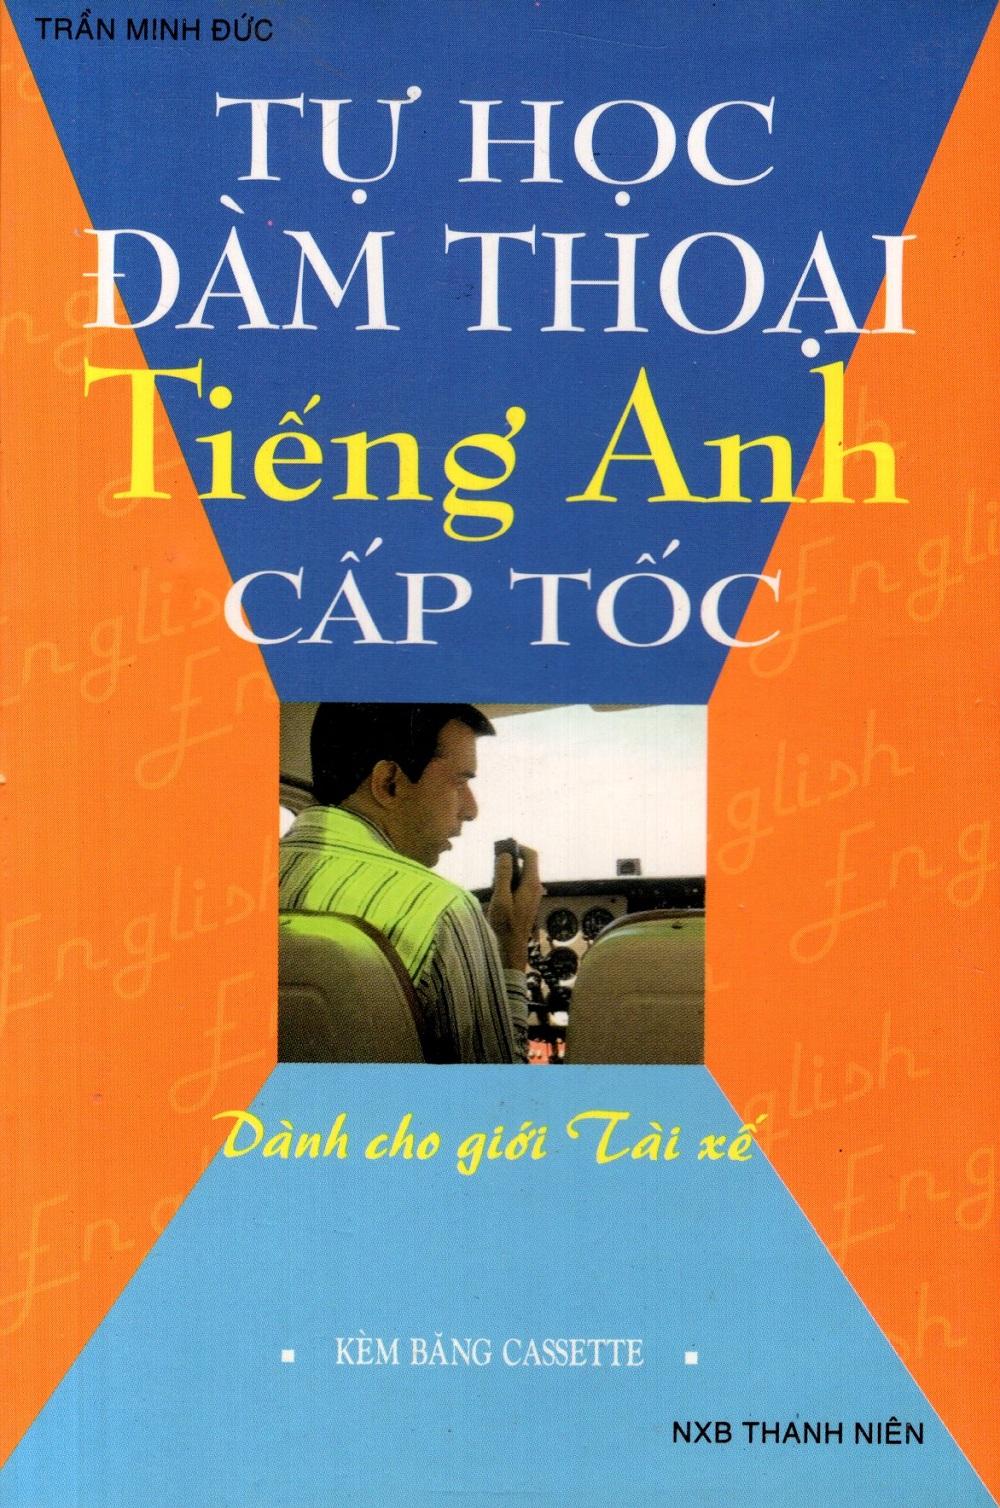 Bìa sách Tự Học Đàm Thoại Tiếng Anh Cấp Tốc (Dành Cho Giới Tài Xế) - Sách Bỏ Túi